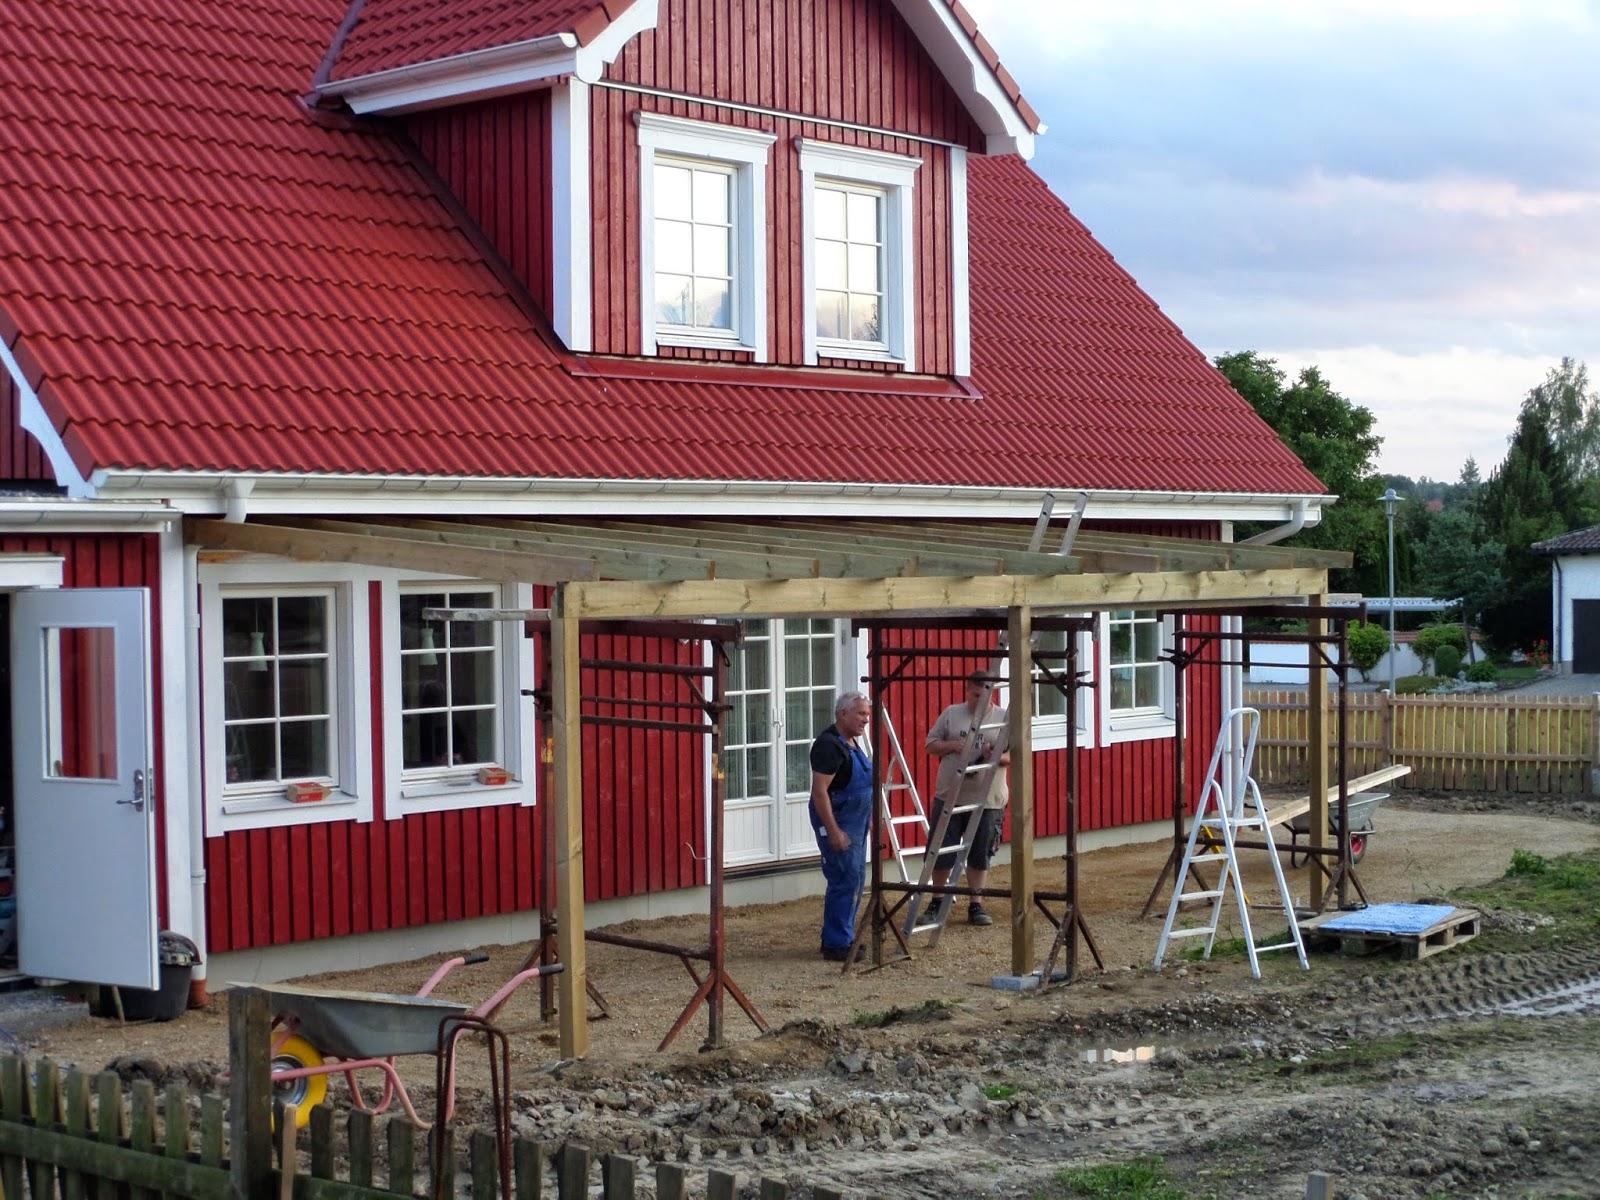 kleine lotta unser schwedenhaus zaun pergola und terrasse. Black Bedroom Furniture Sets. Home Design Ideas